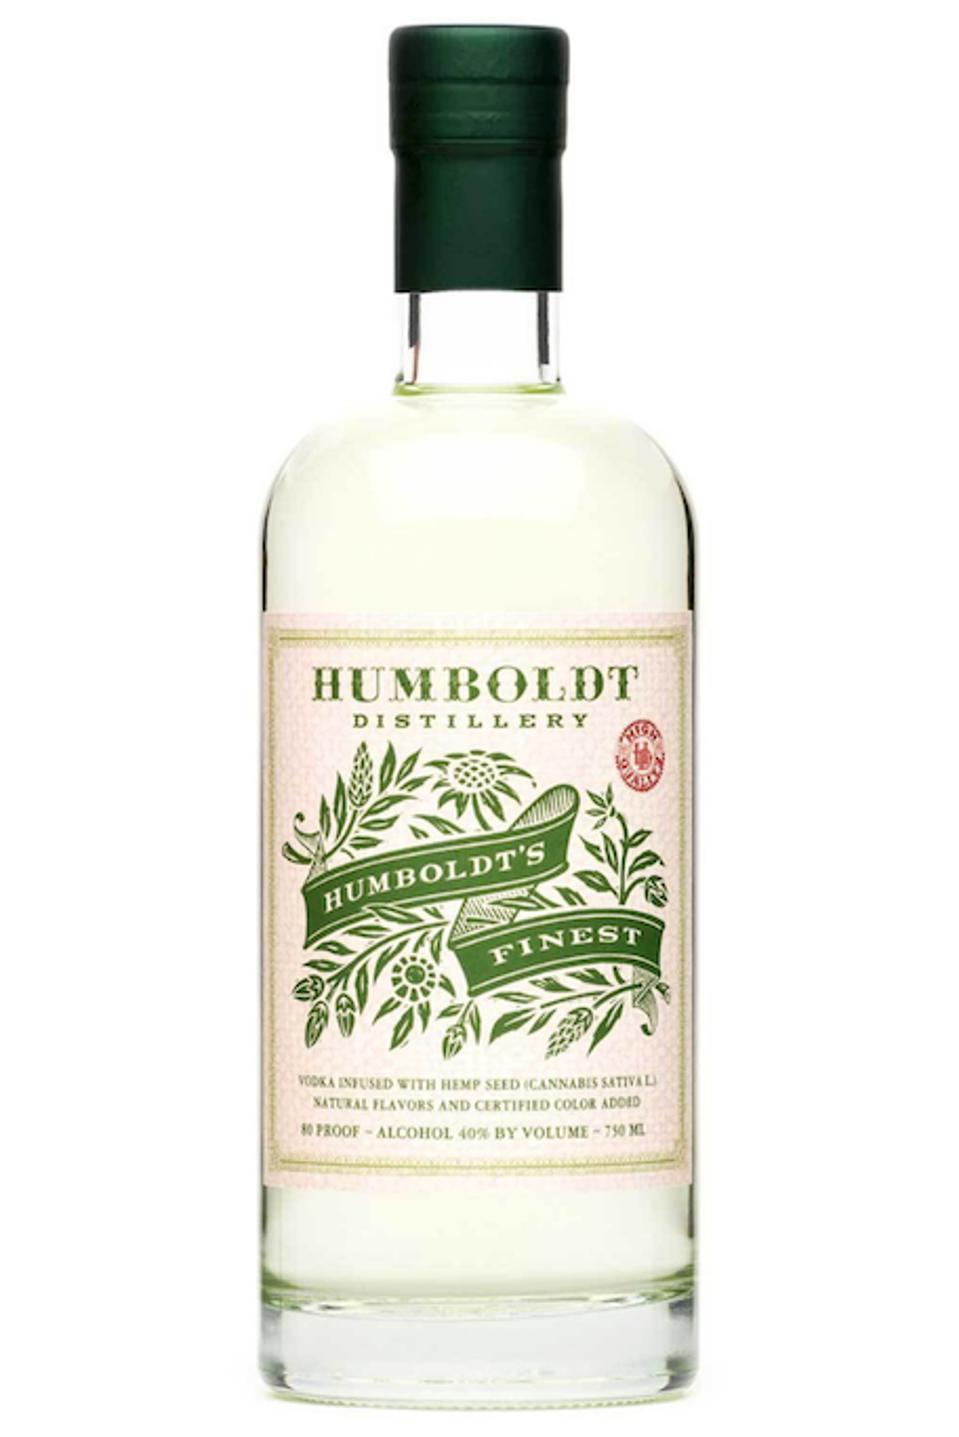 Humboldt Distillery, Humboldt's Finest, Hemp Infused Vodka